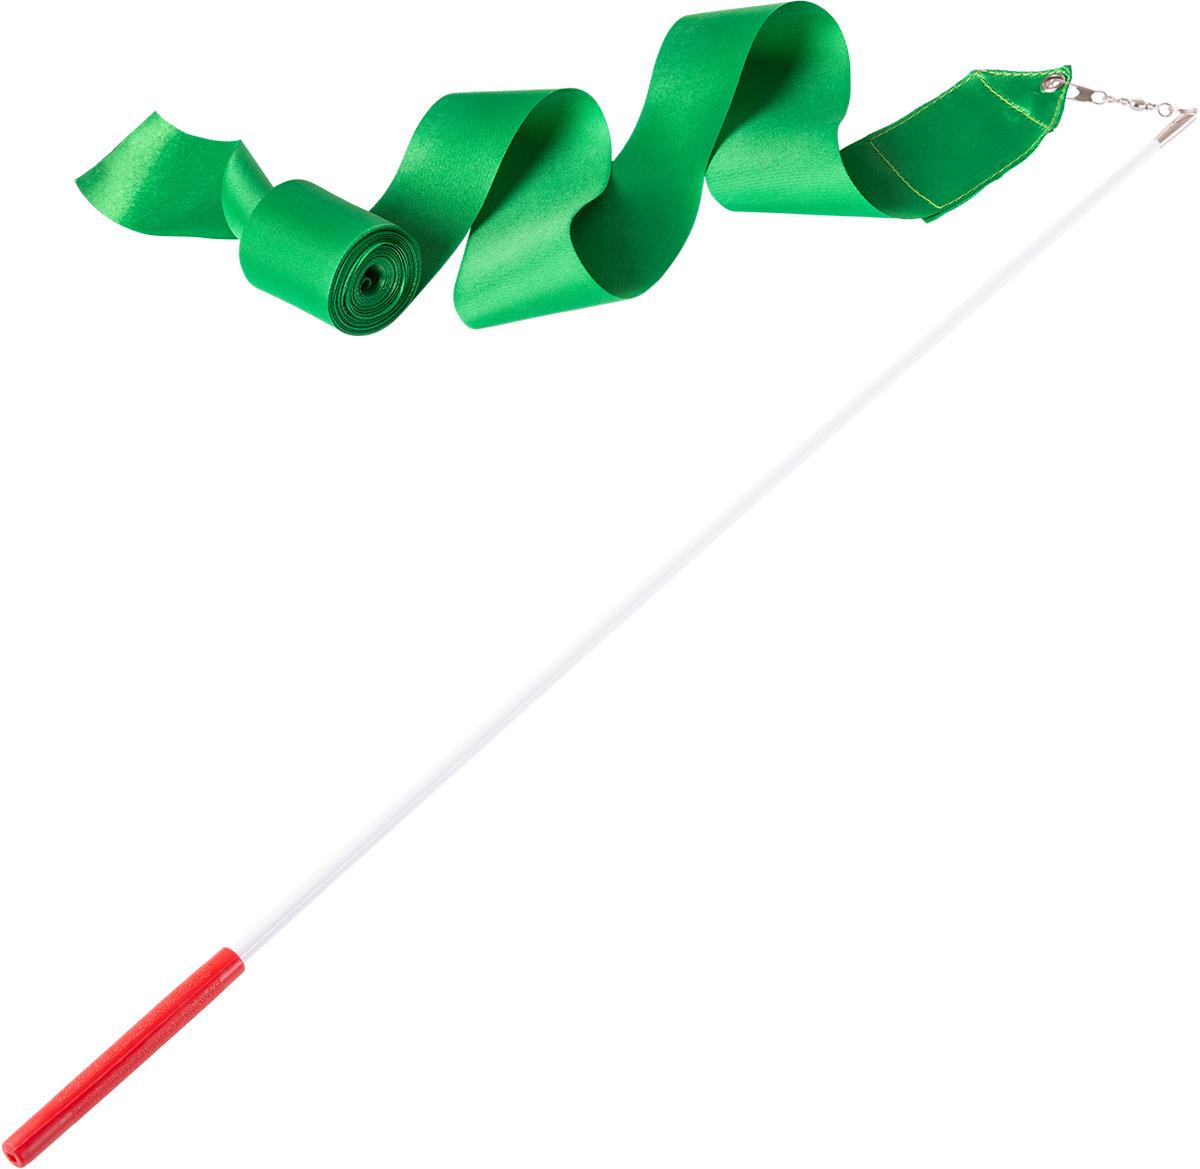 Лента для художественной гимнастики Amely AGR-201, длина 6 м, с палочкой 56 см, цвет: зеленый женский купальник для художественной гимнастики черный бирюзовый с блестками